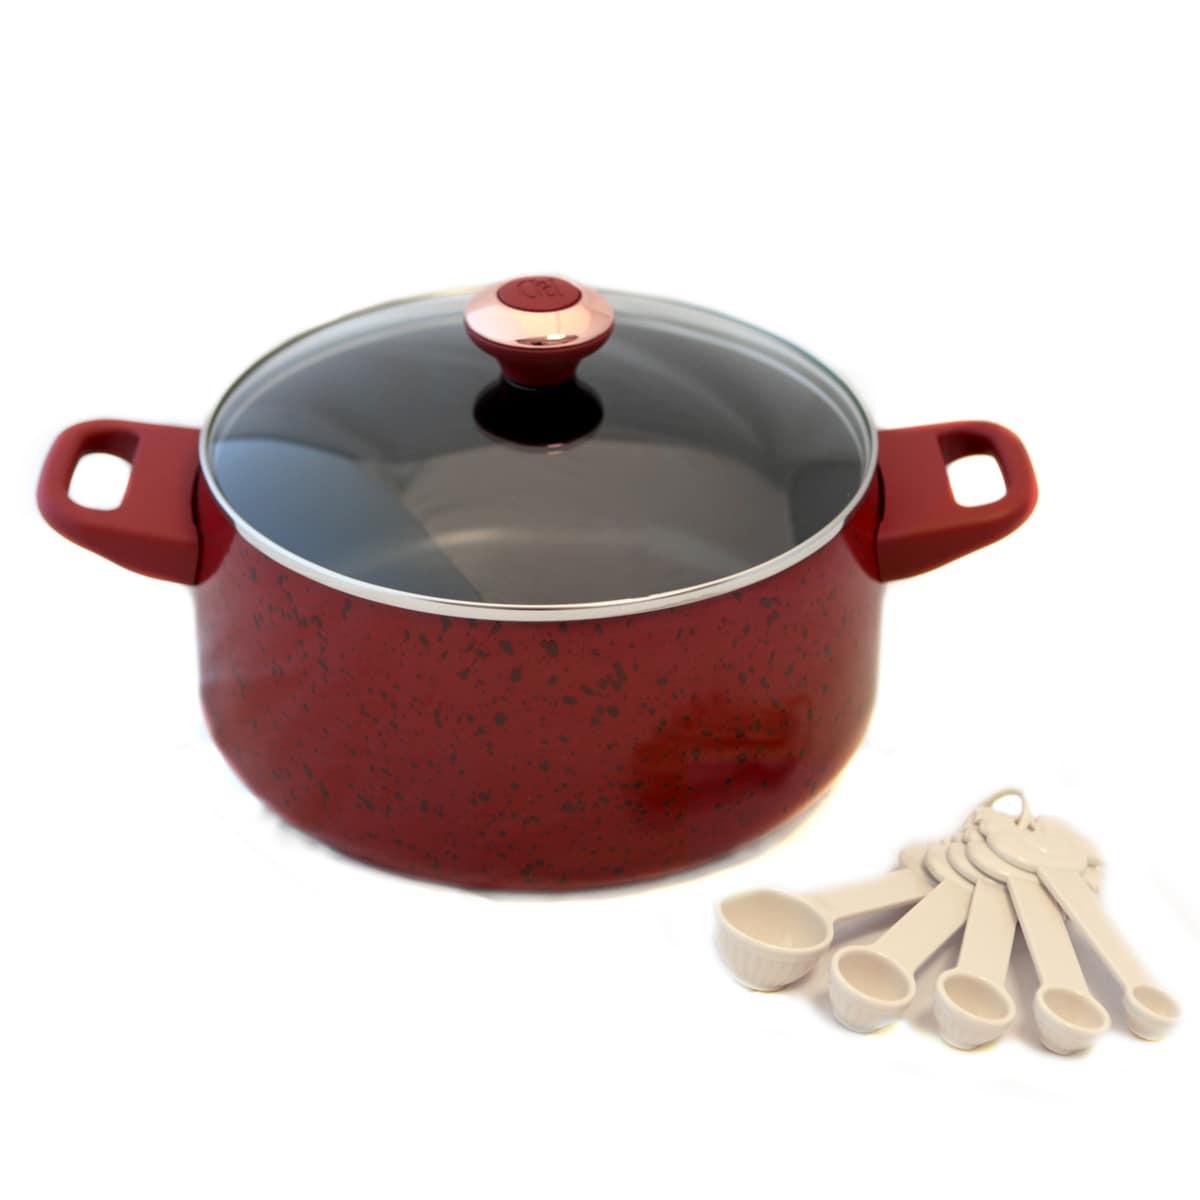 Paula Deen Signature Porcelain Red 6-quart Stockpot